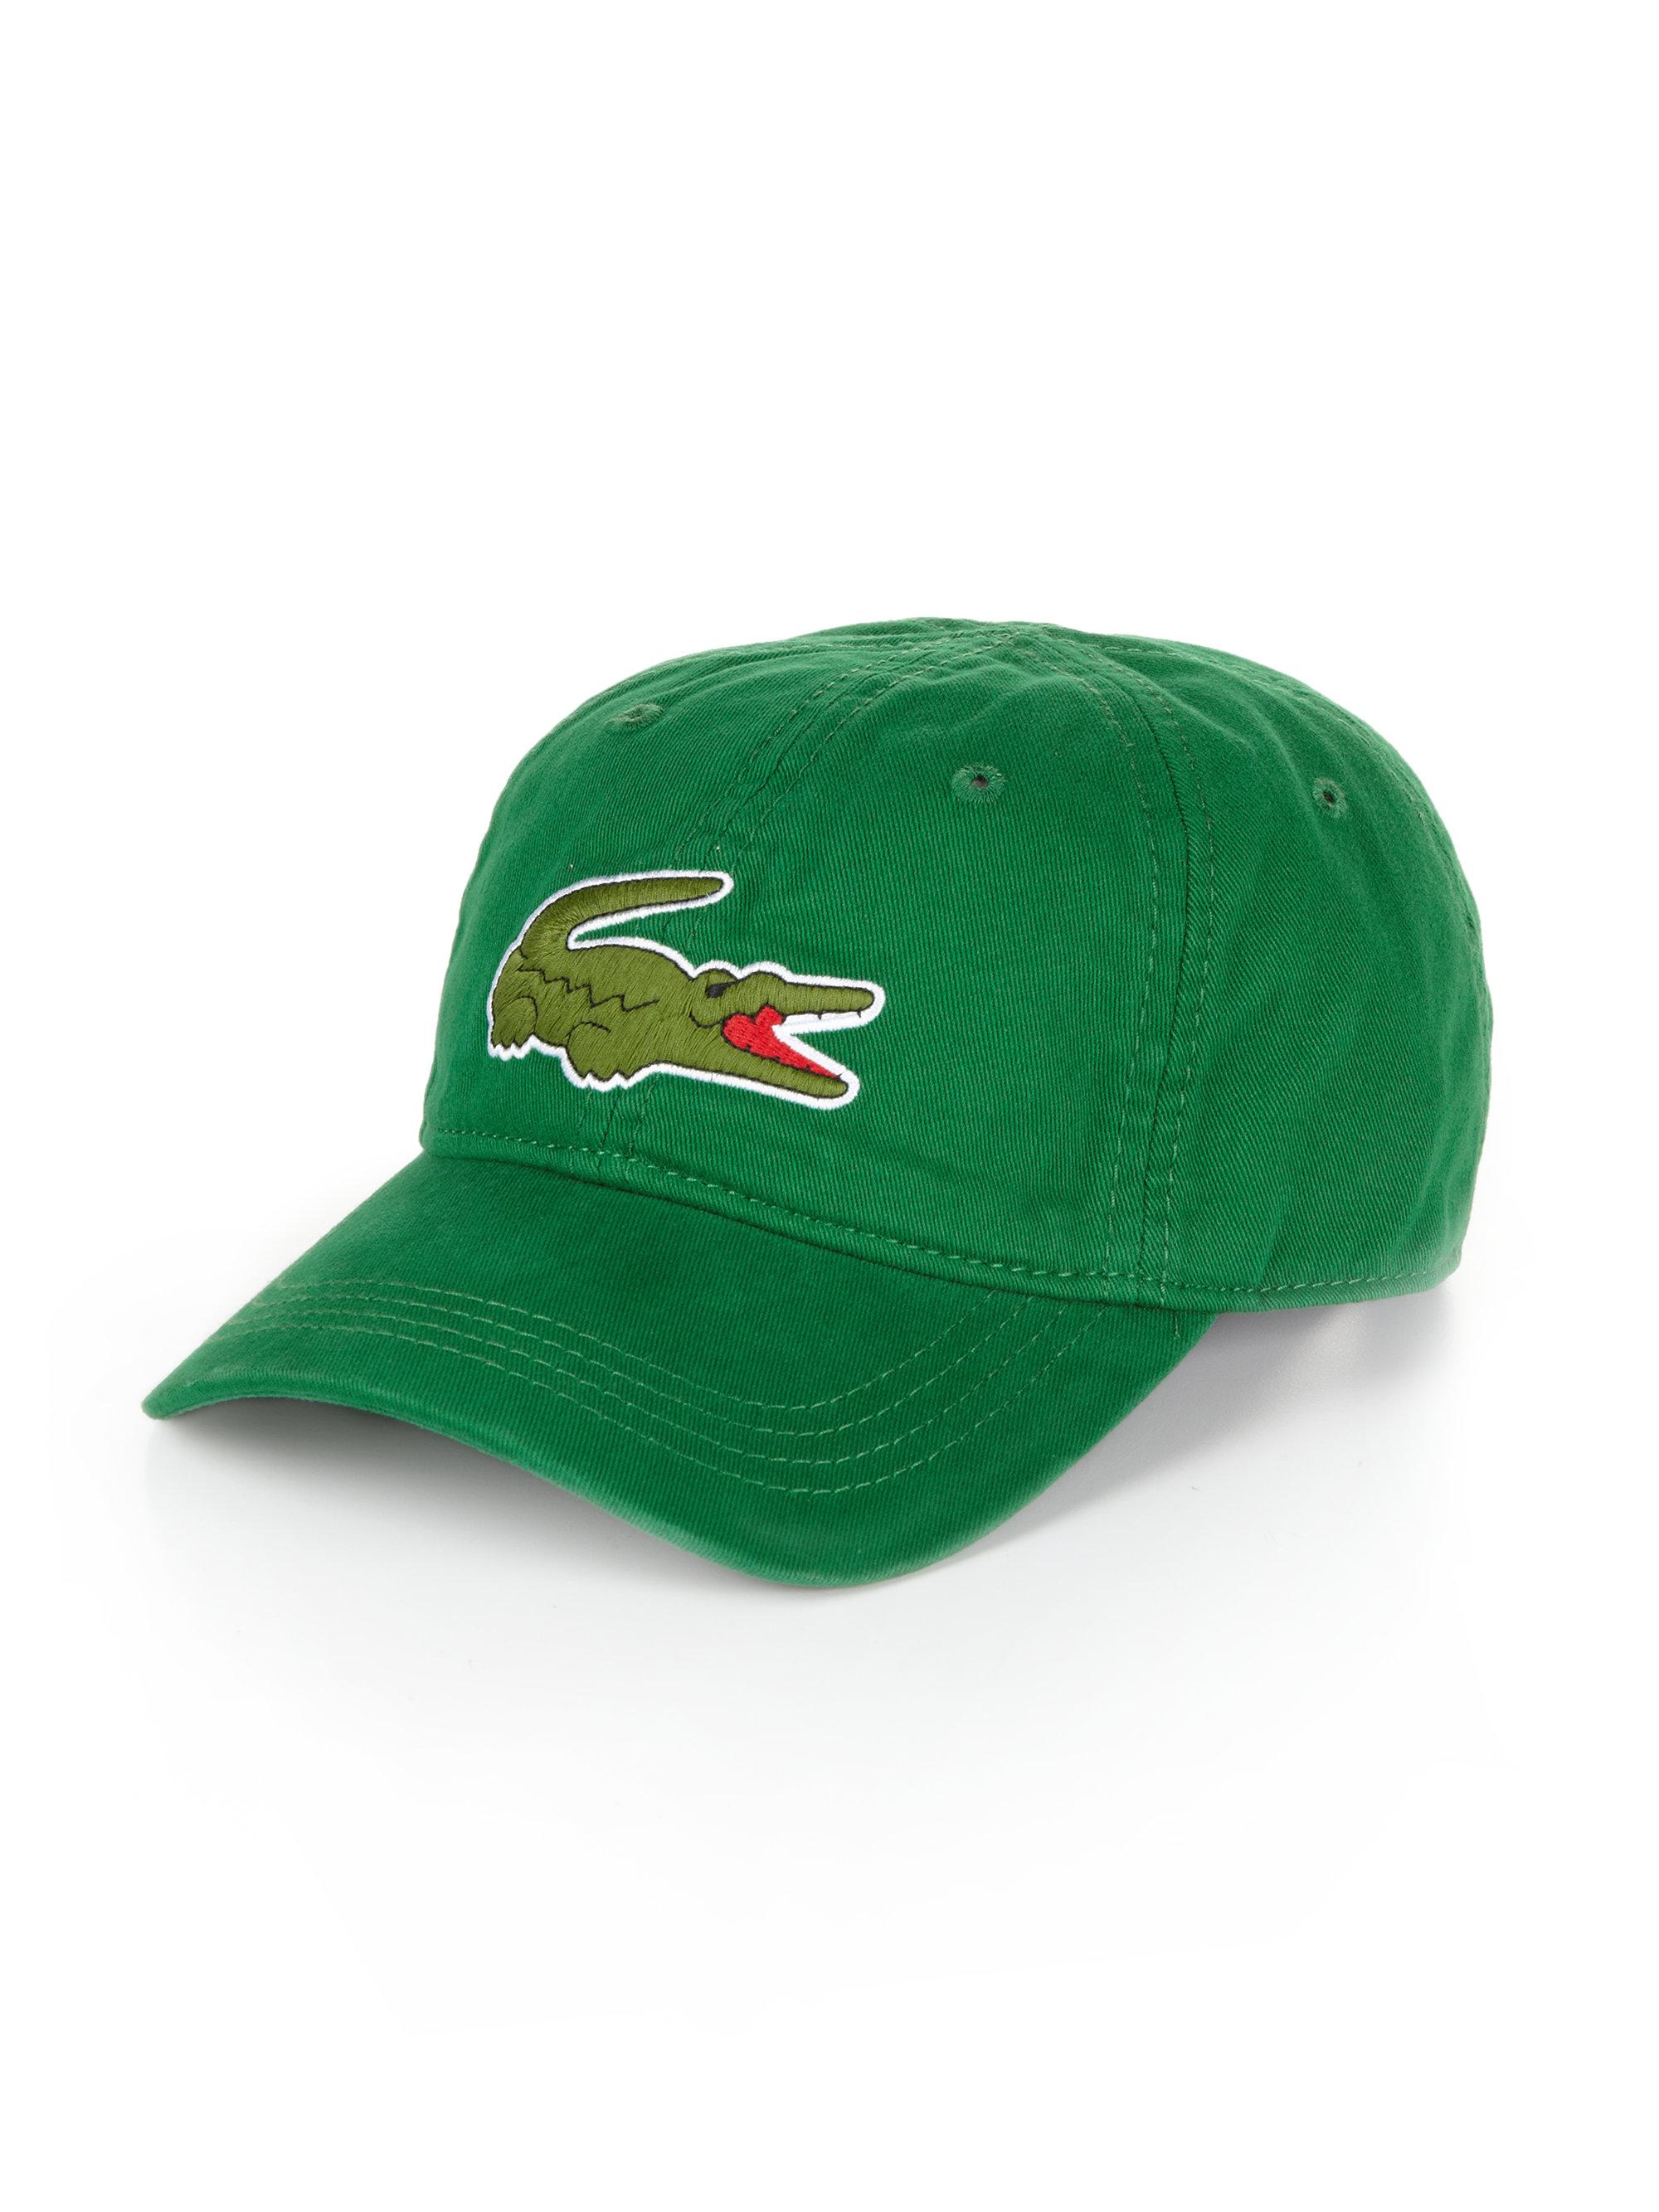 Lyst - Lacoste Large Croc Gabardine Baseball Cap in Green for Men 051cf99e33d